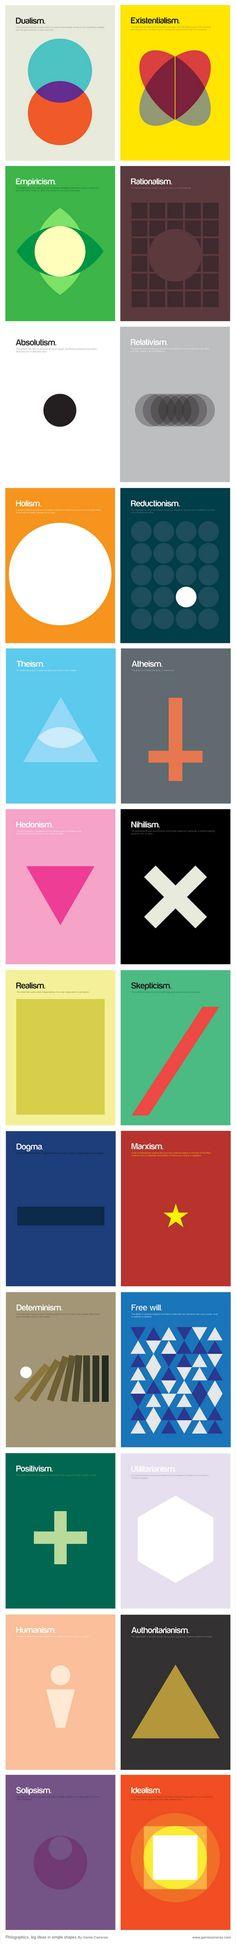 Postales minimalistas y filosóficas - Knowmad Design